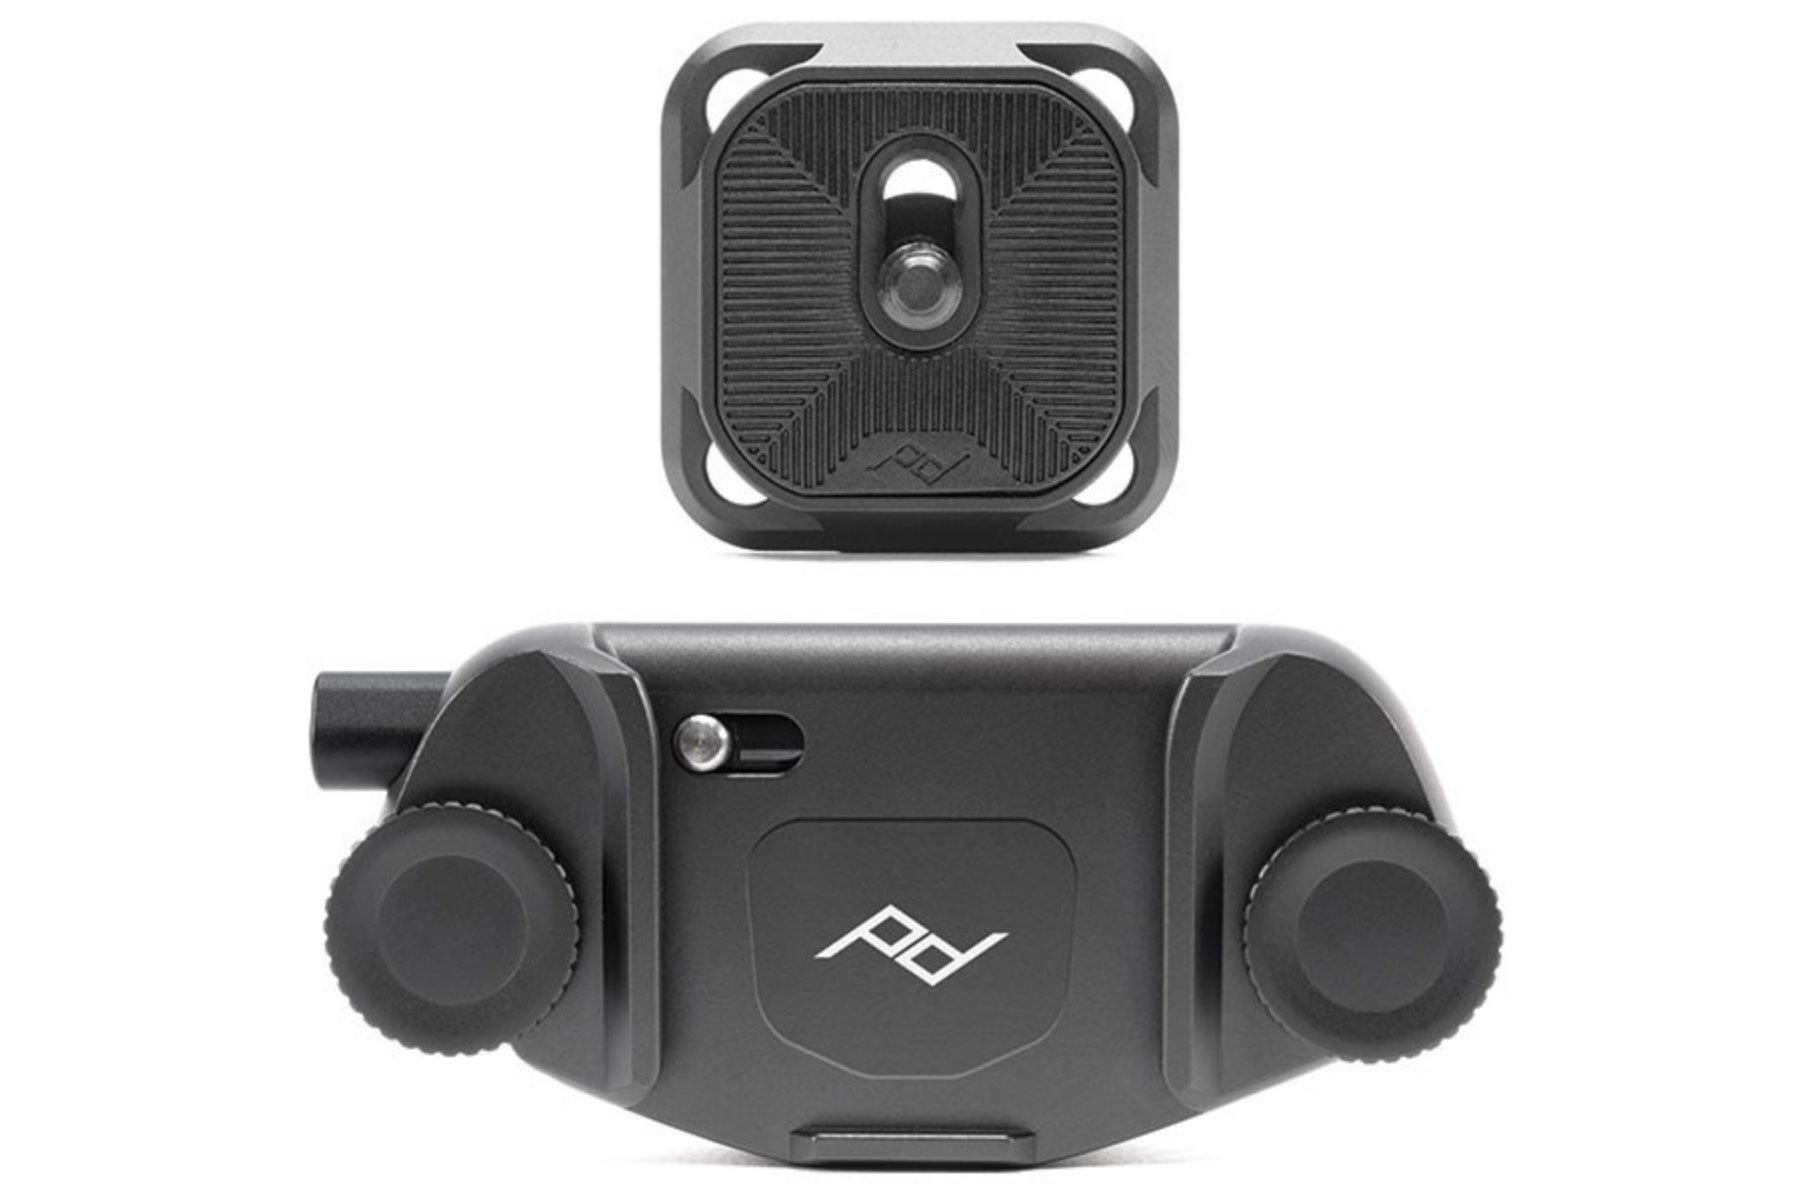 Peak Design Capture Camera Clip V3 (Black with Plate) by Peak Design